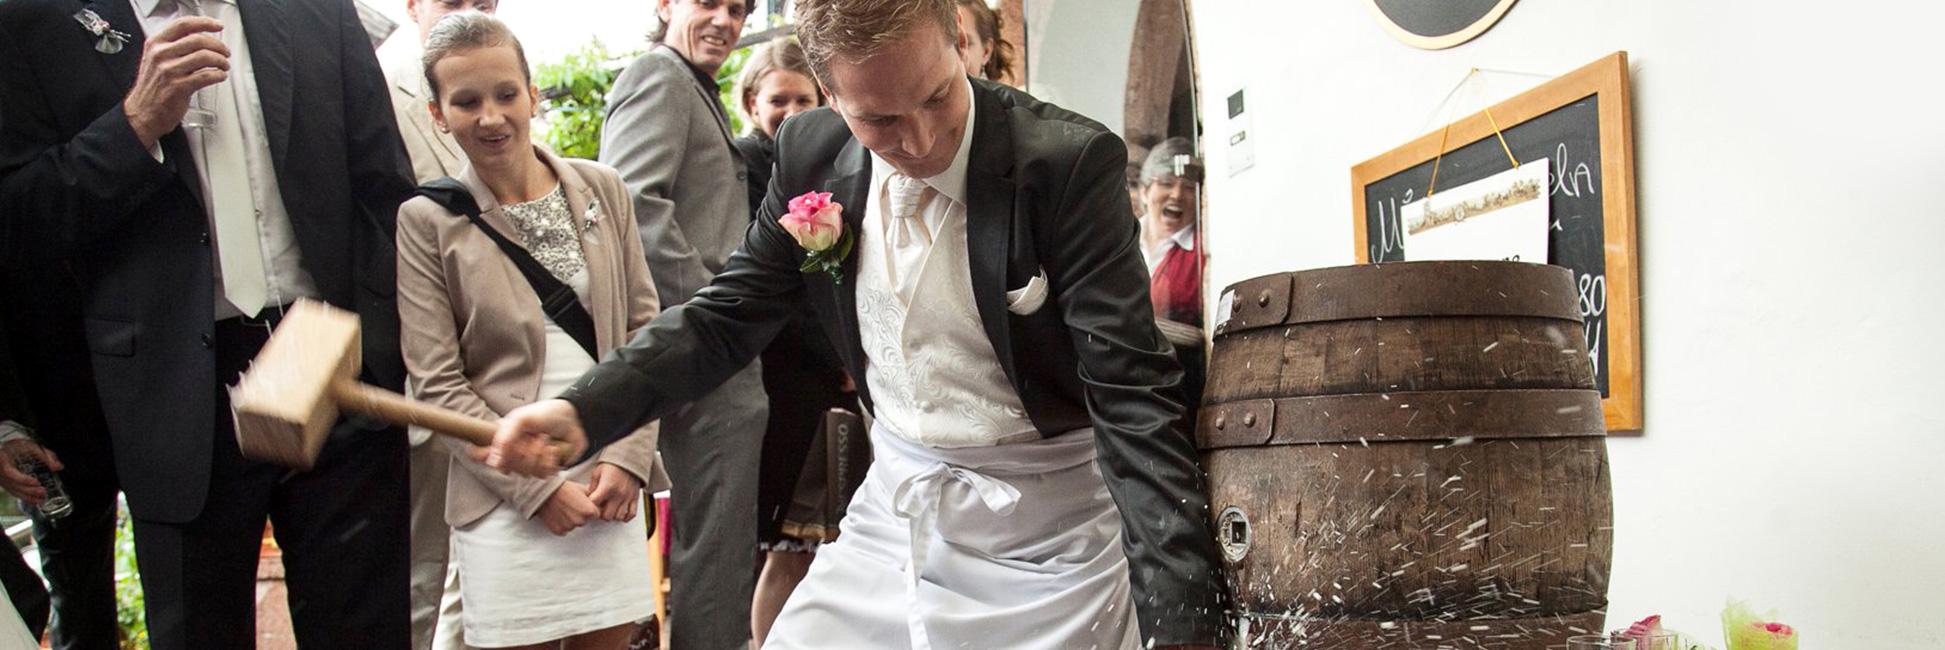 Hotel Gasthof zur Post Hochzeit Fassanschlag